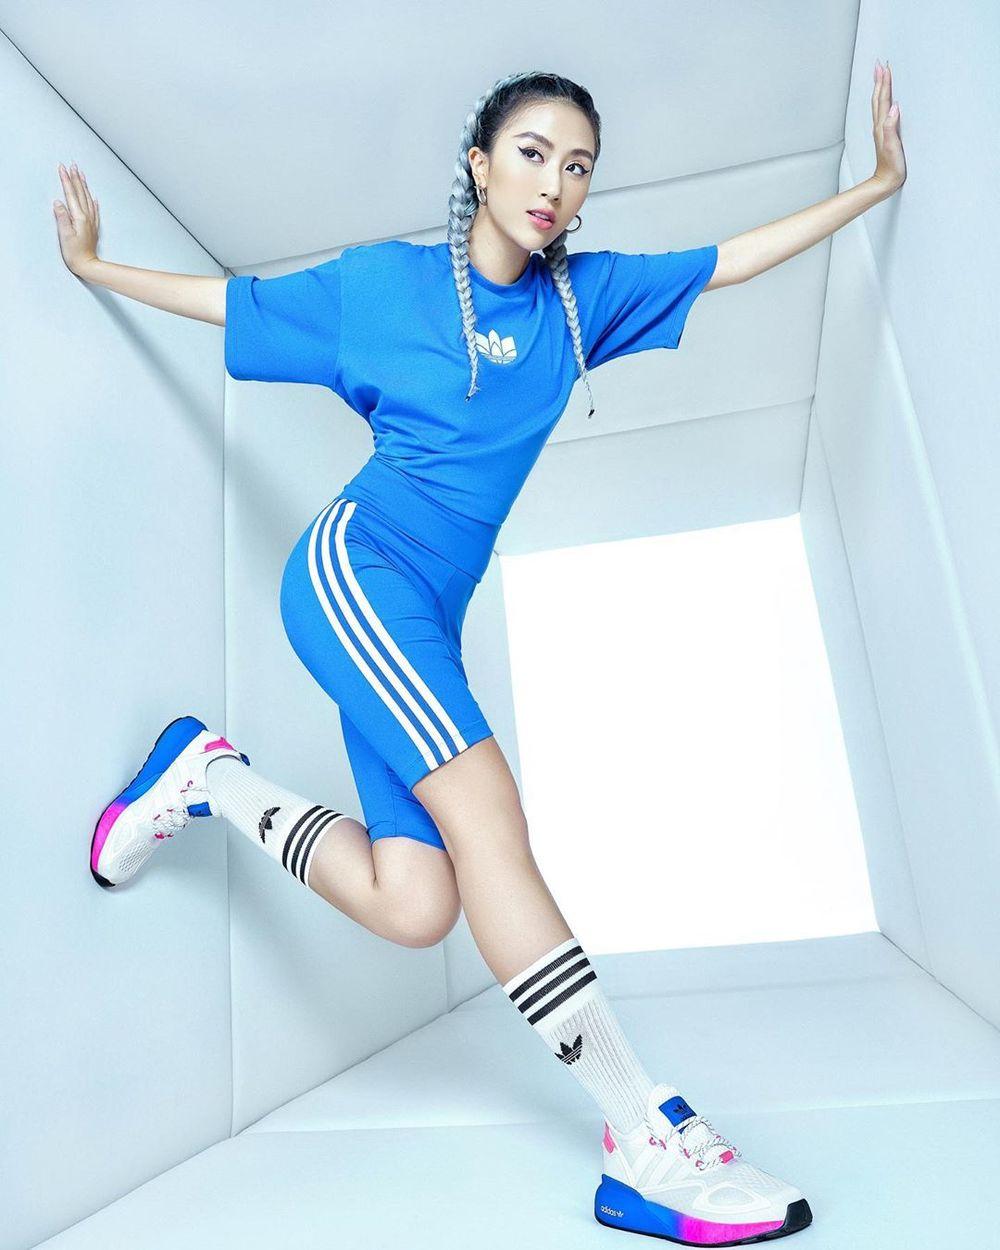 """Quỳnh Anh Shyn luôn thay đổi hình ảnh của bản thân, màu tóc xanh xám của cô đang trở thành """"trend"""" mới của giới trẻ. (Ảnh: Instagram nhân vật)"""